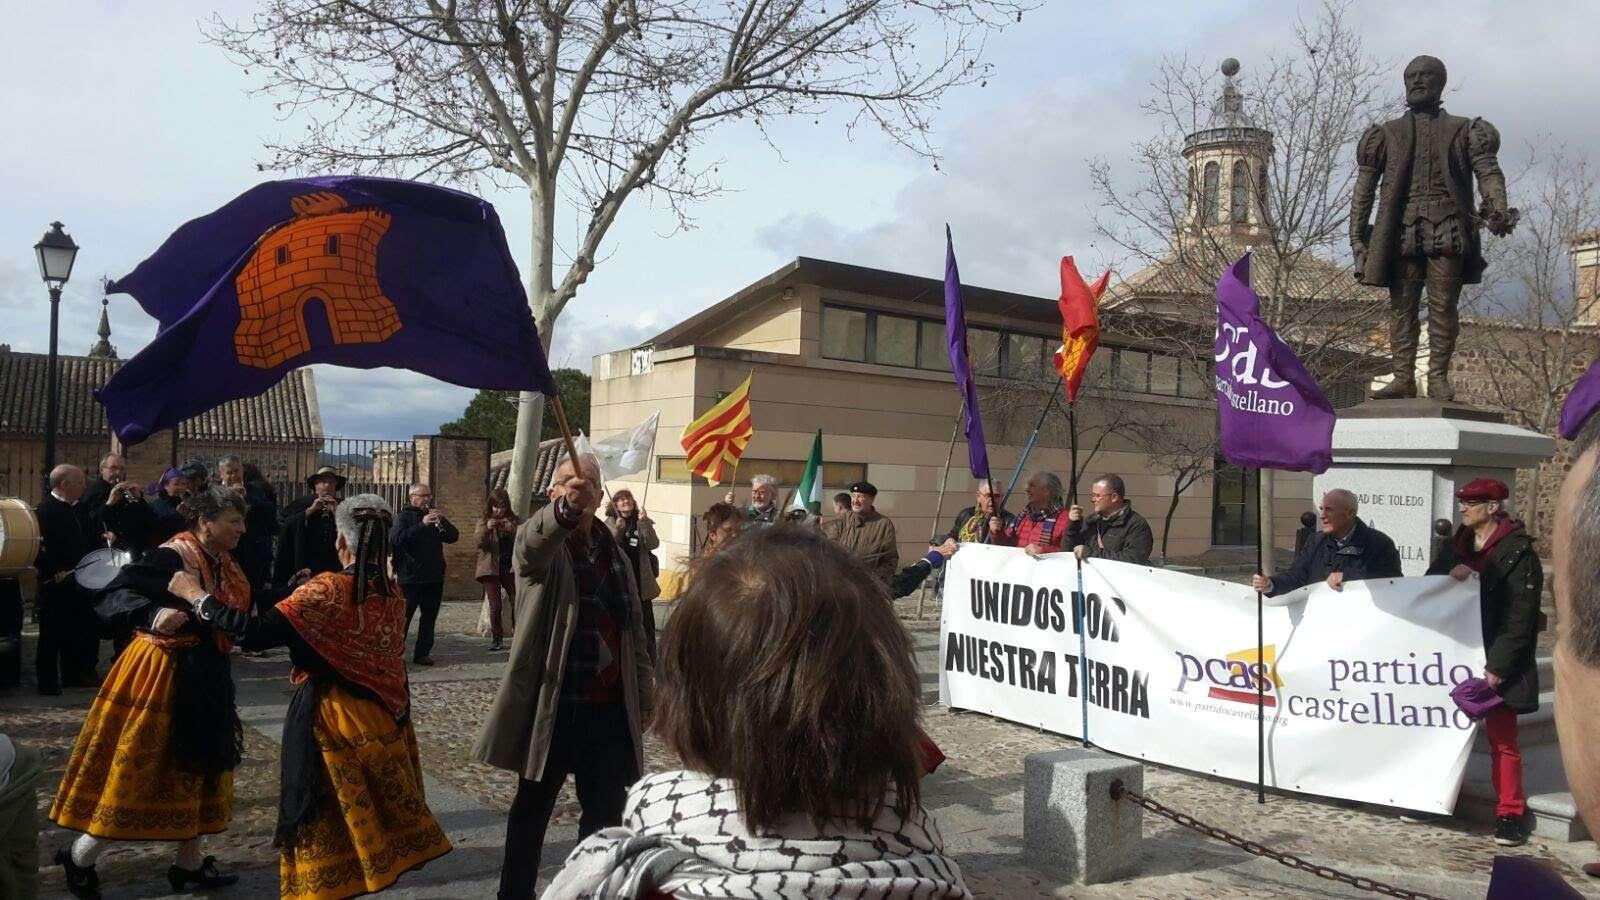 Manifestación del Partido Castellano en Plaza Padilla